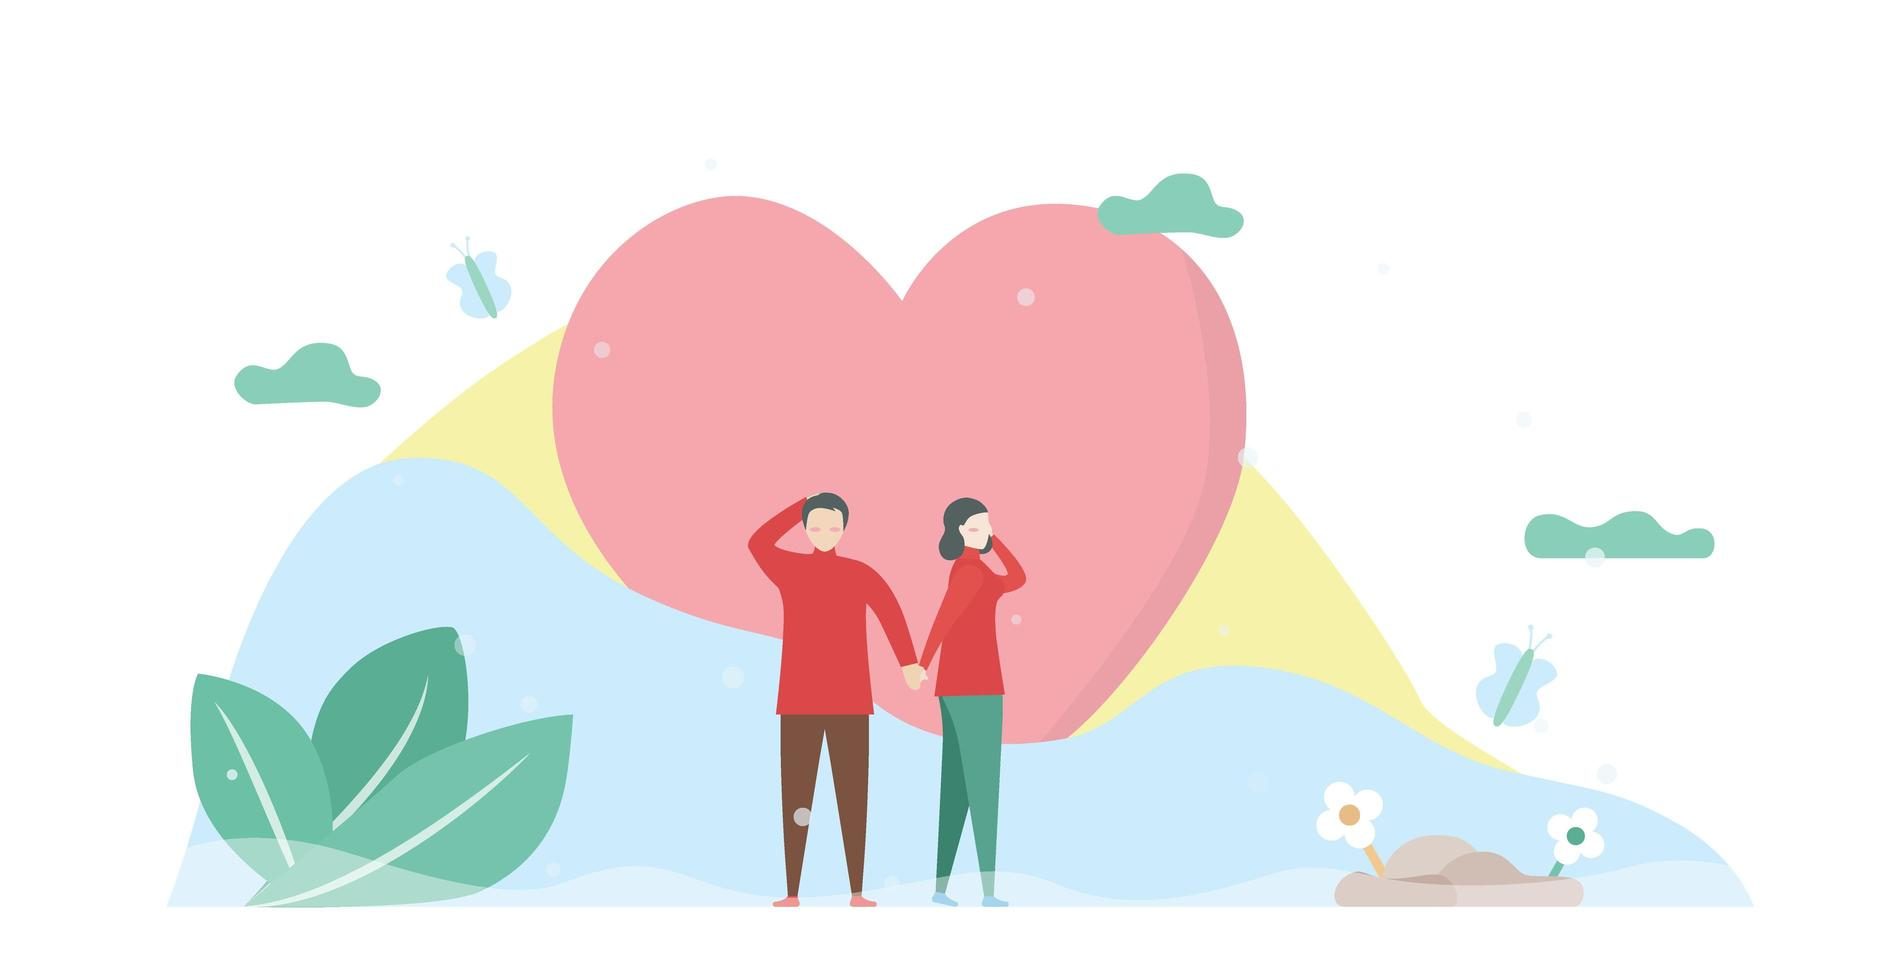 uomo e donna che si tengono per mano davanti al cuore vettore